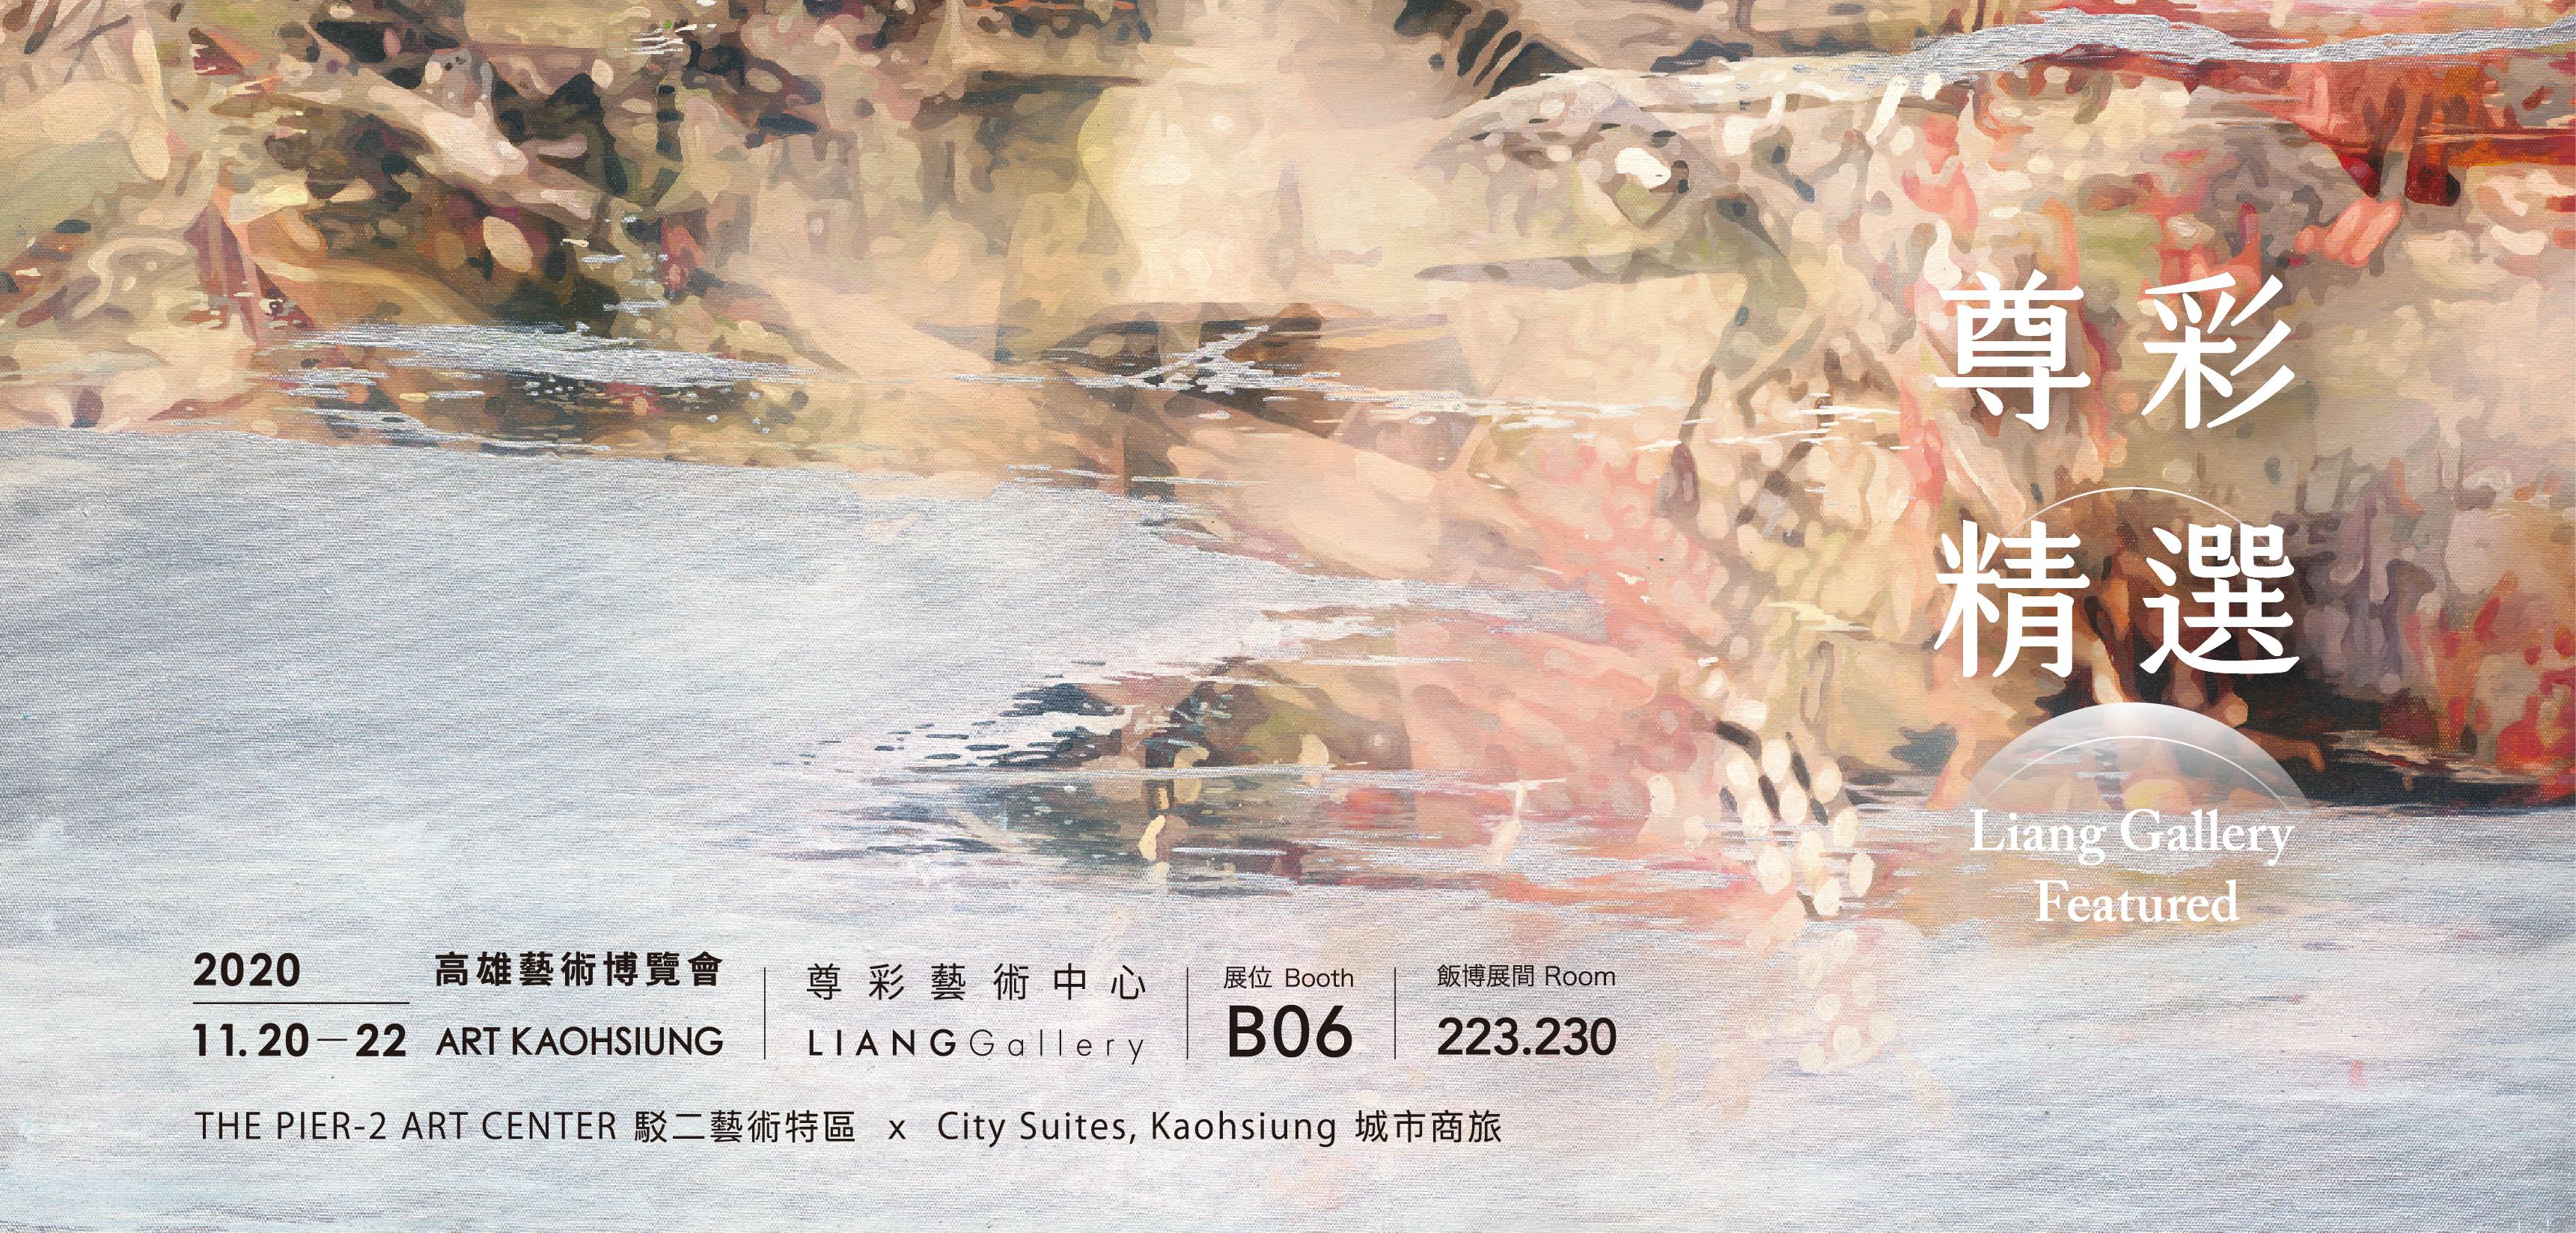 2020 高雄藝術博覽會